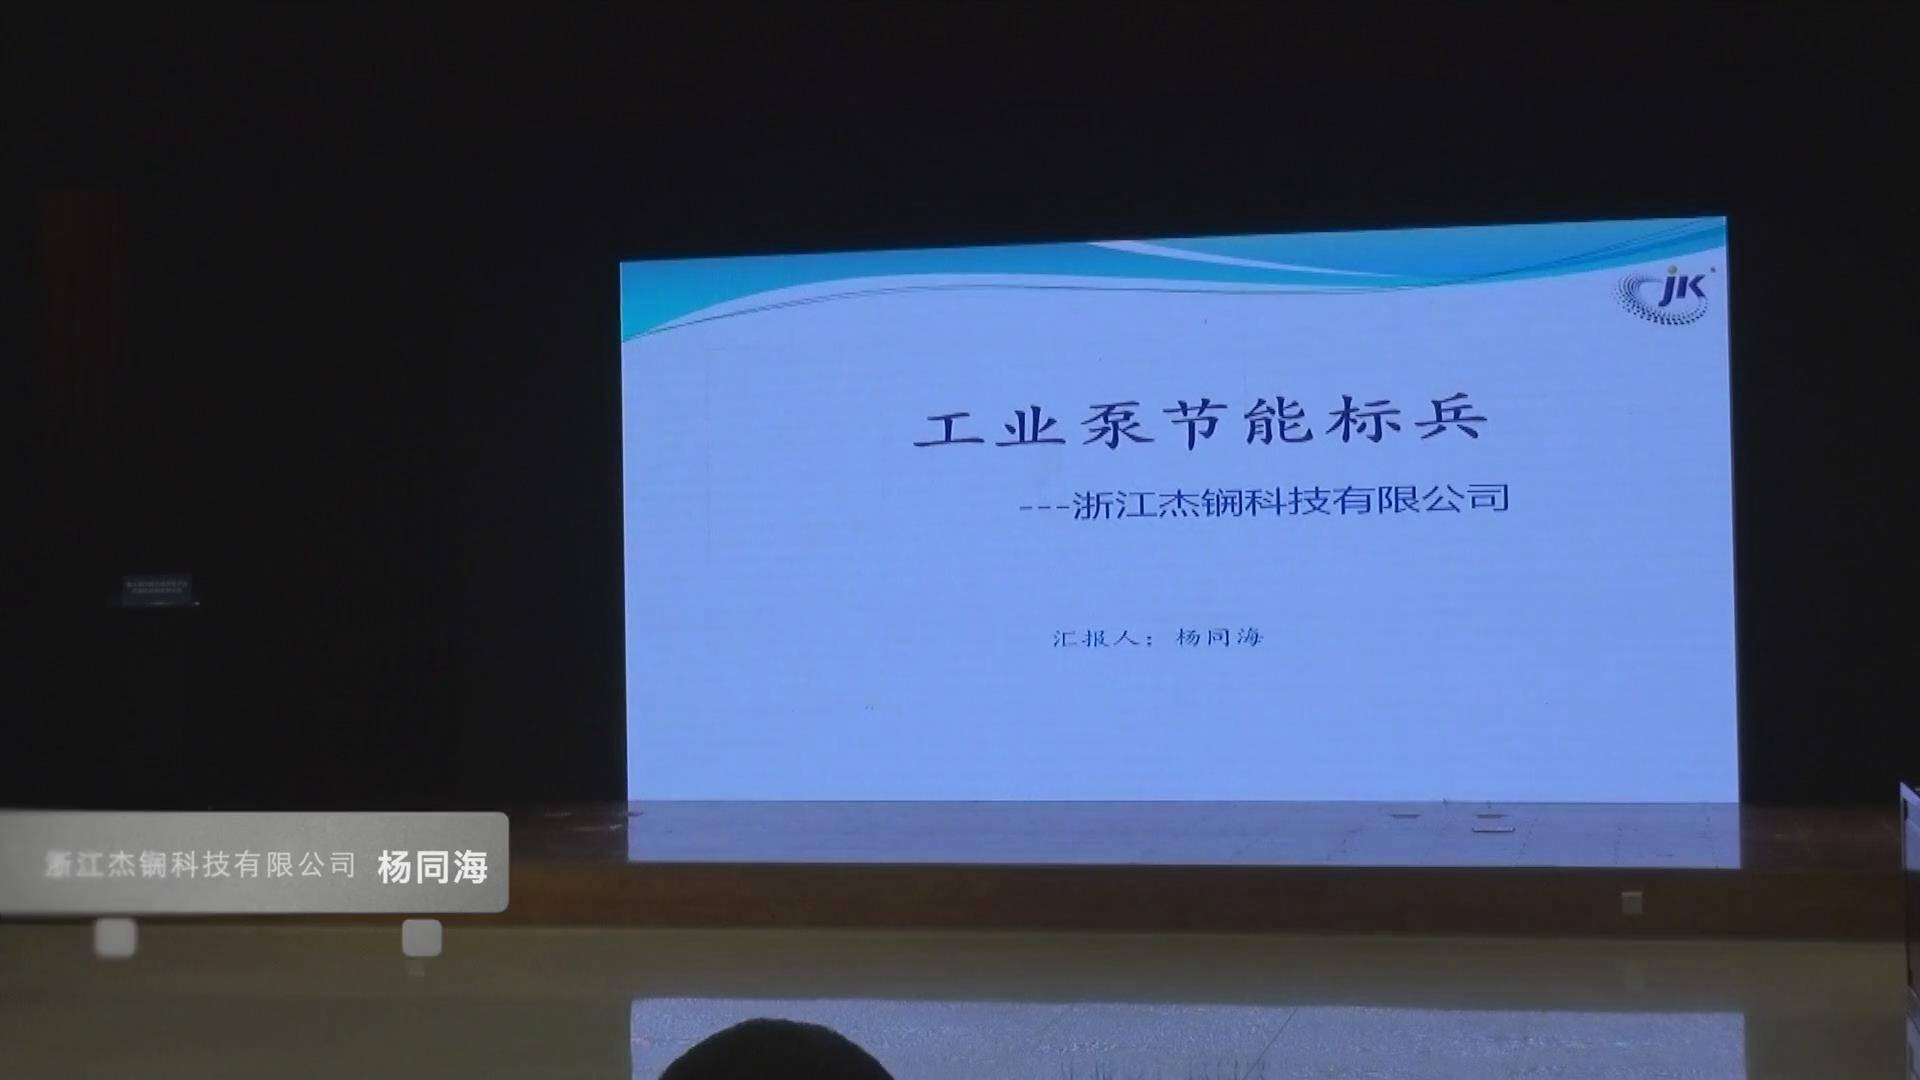 杨同海:工业泵节能标兵,浙江杰锎科技有限公司